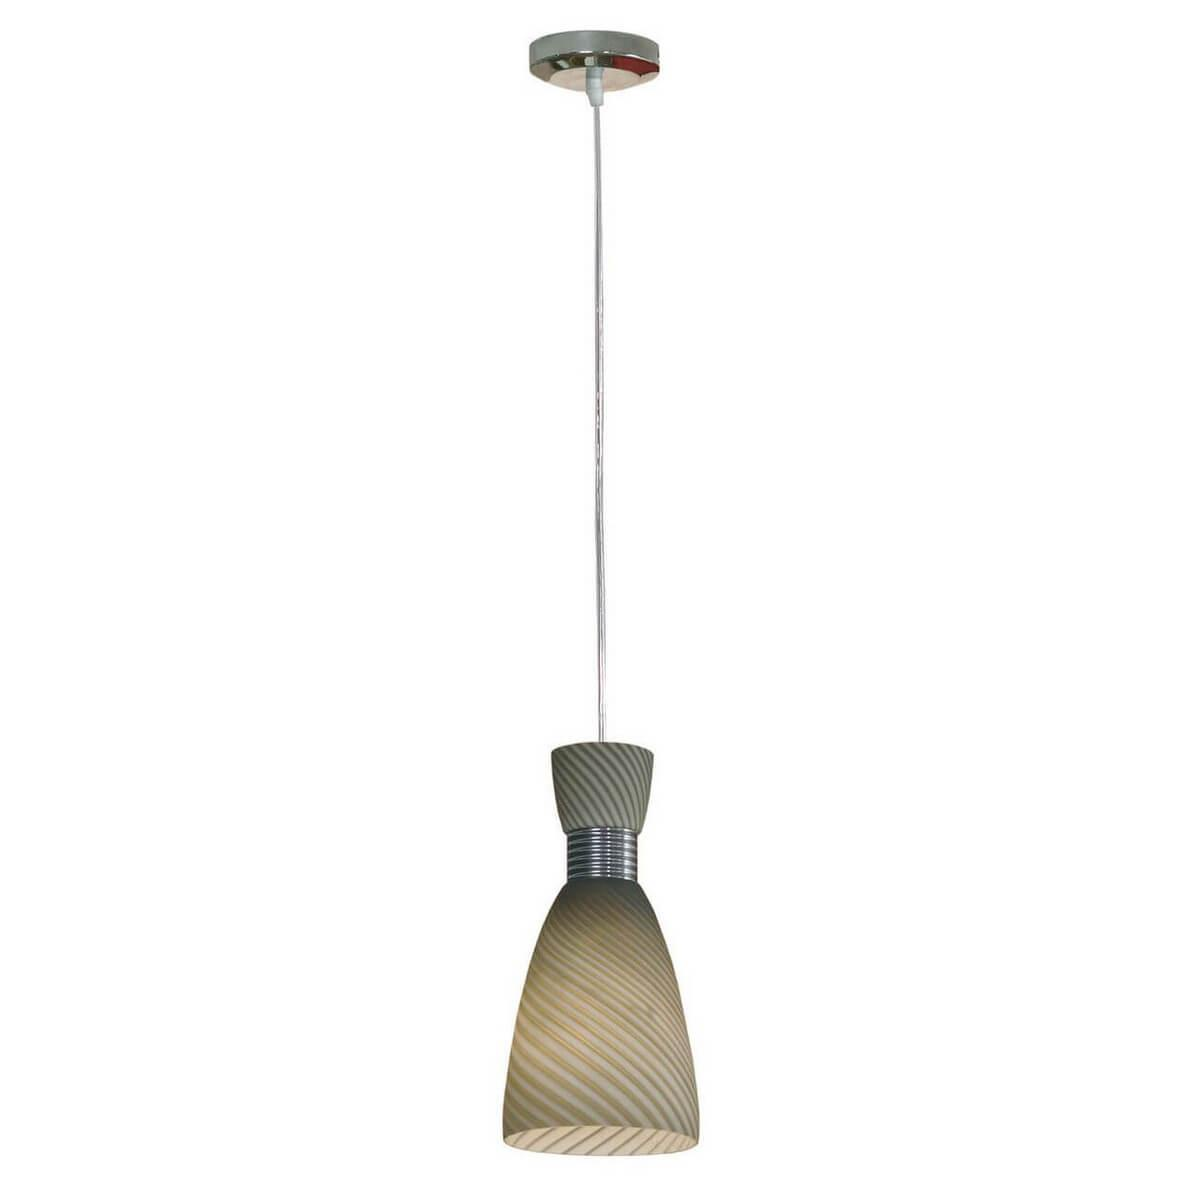 Подвесной светильник Lussole LSF-7376-01, E27, 60 Вт подвесной светильник lussole lsf 1156 01 e27 60 вт